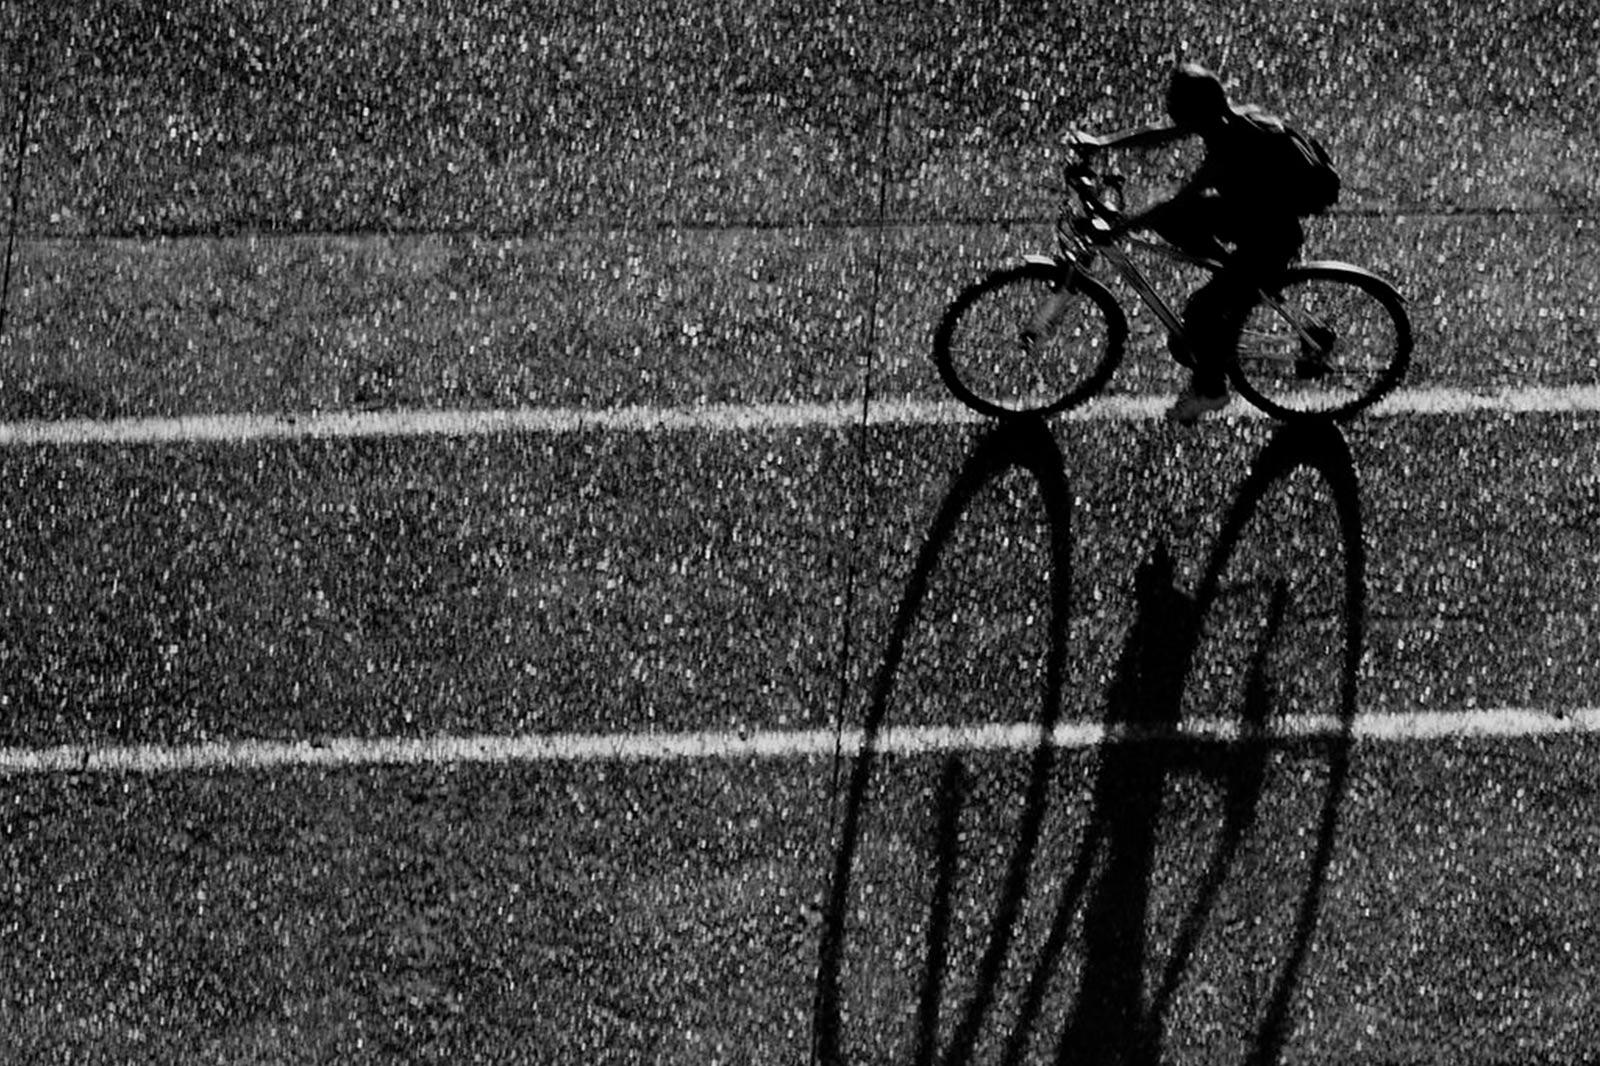 Schwarz-weiß Bild eines Fahrradfahrers mit sehr großem Schatten.